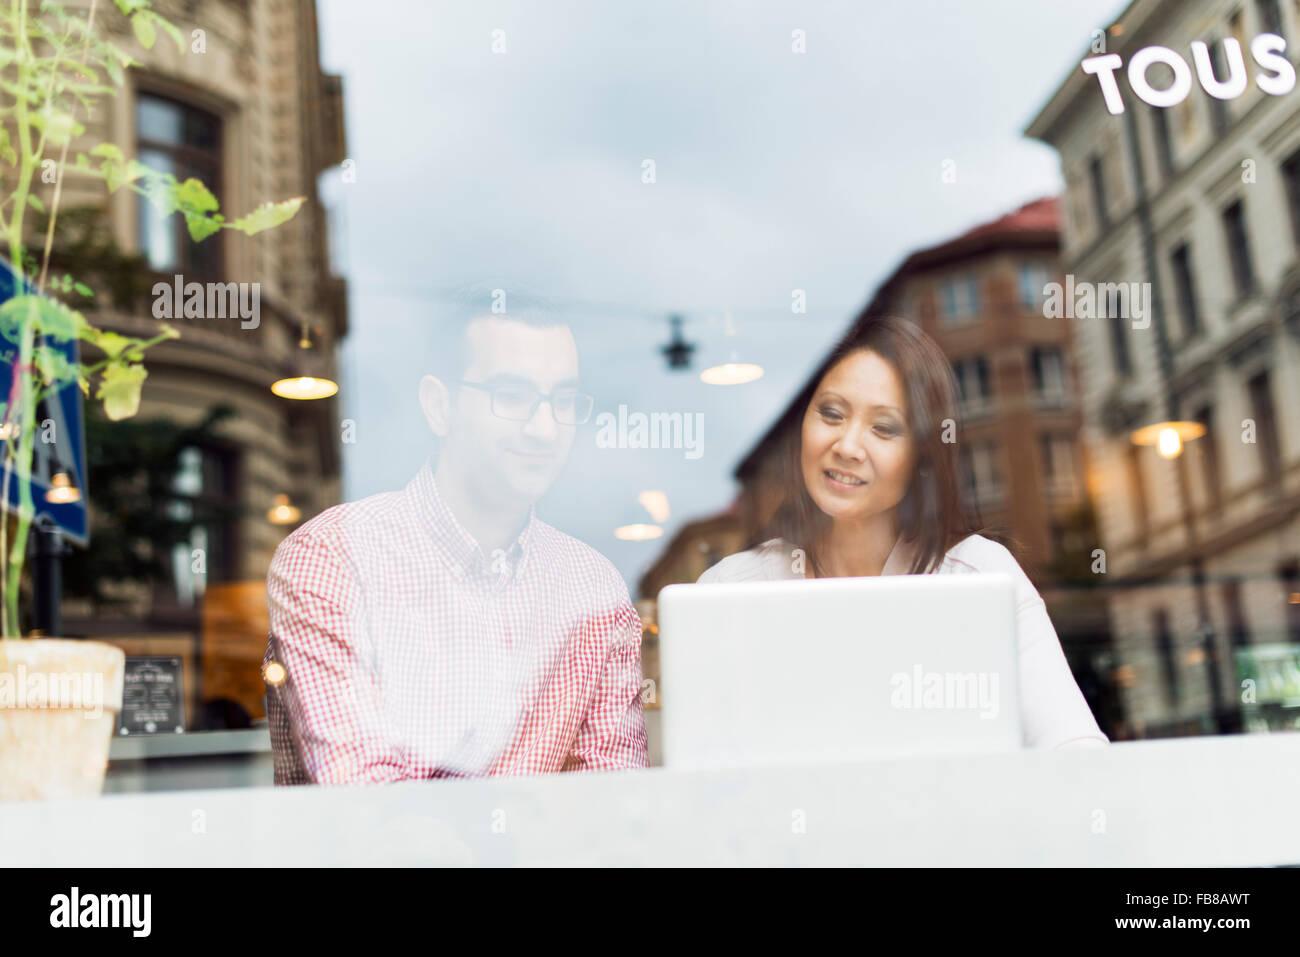 La Svezia, Uppland, Stoccolma, uomo e donna che parlano in cafe Immagini Stock